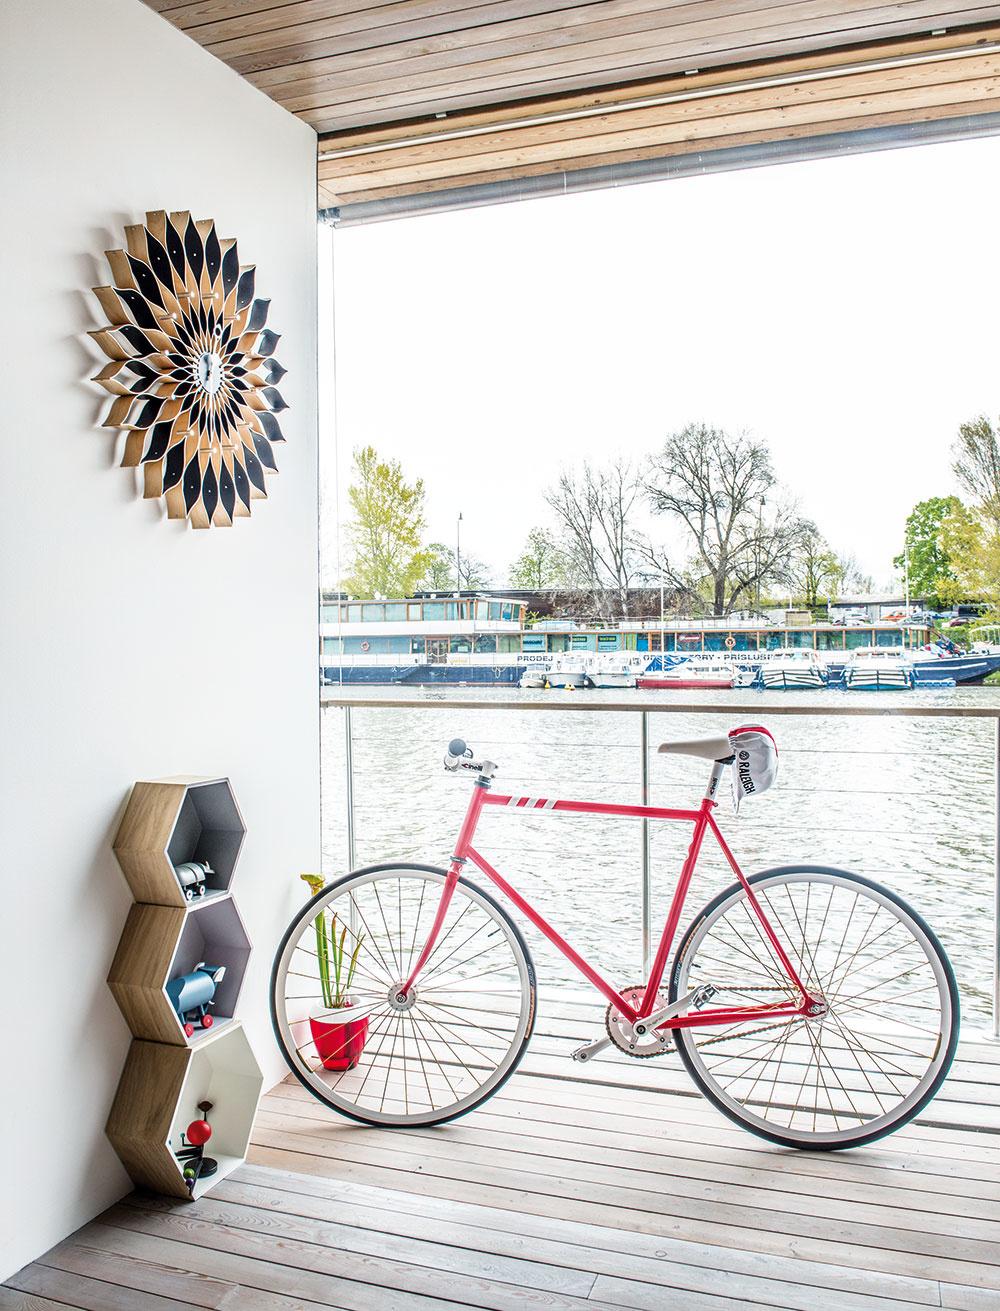 Pri vode býva príjemná rovinka a väčšinou aj slušné cyklochodníky, takže bicykel by na hausbóte určite  nemal chýbať.